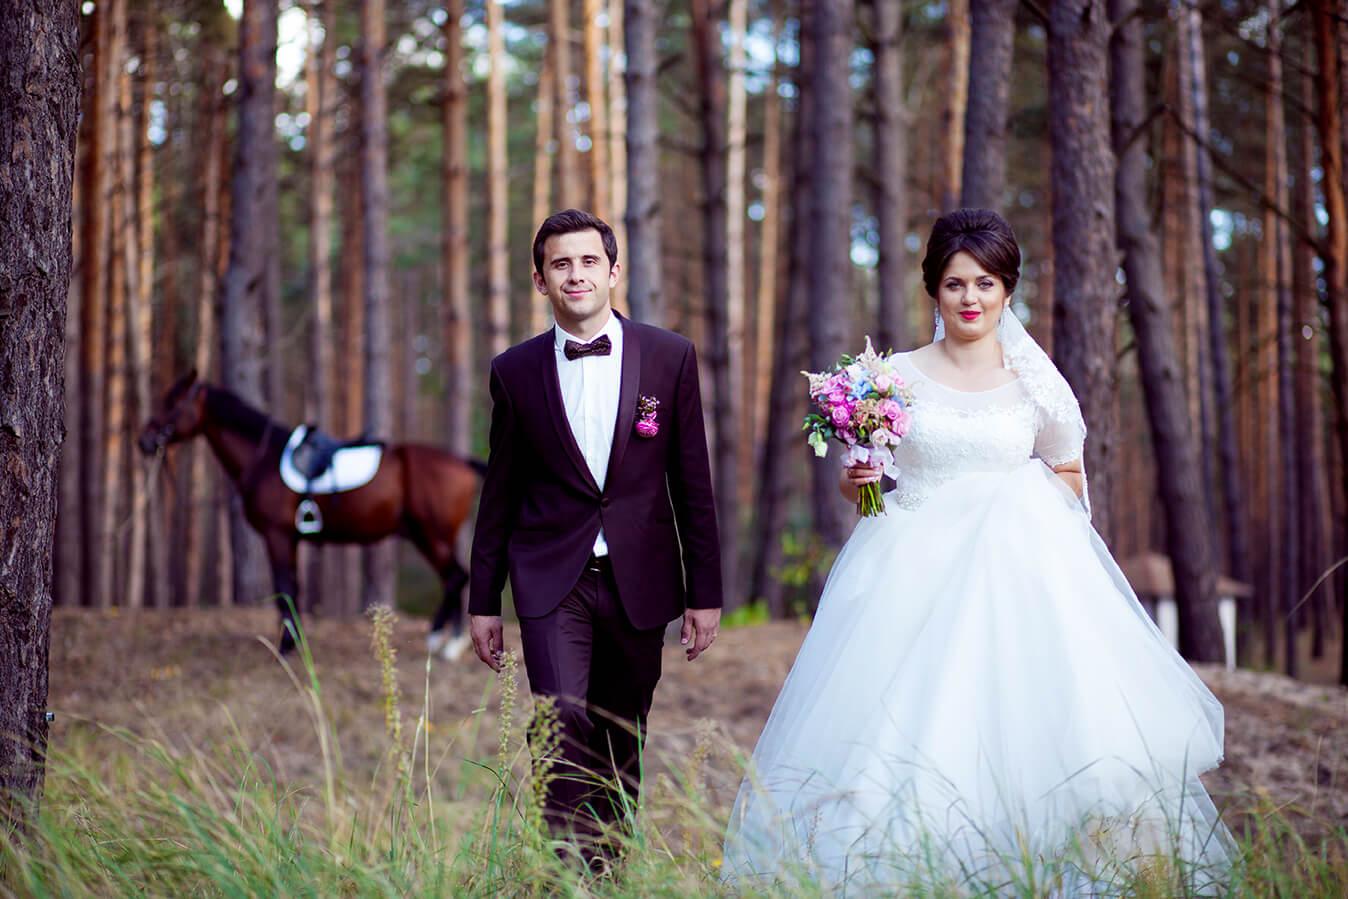 7-konnaja-fotosessija-kiev-semejnyj-detskij-svadebnyj-fotograf-10